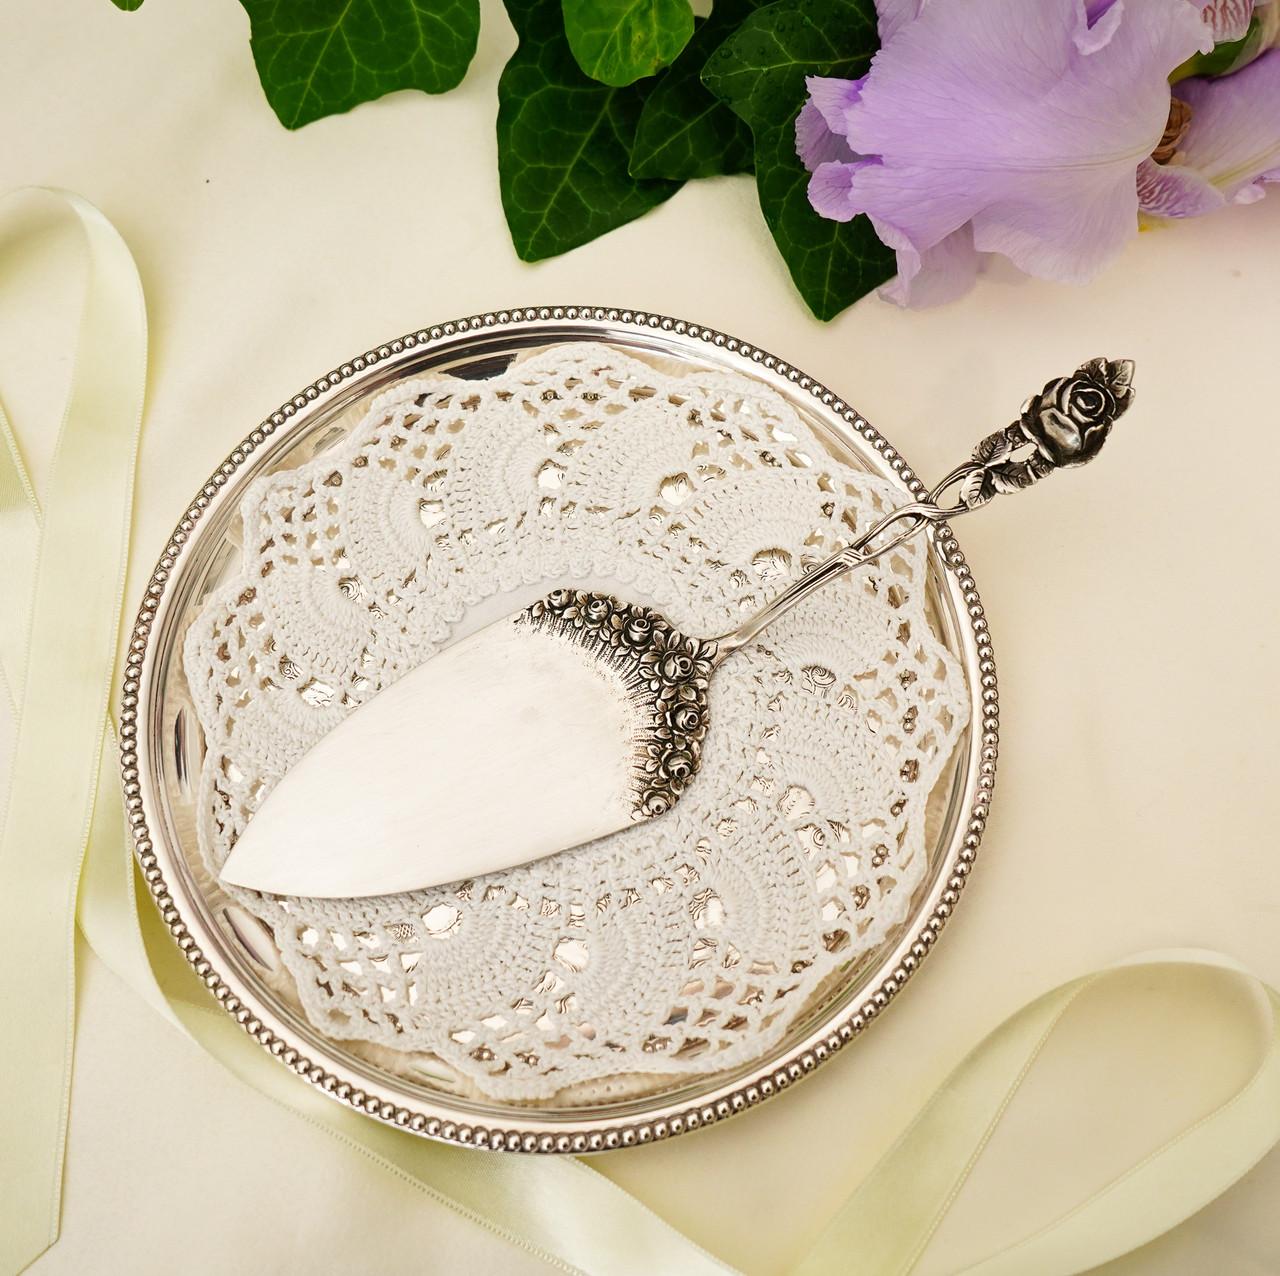 Срібна кондитерська лопатка для торта, десерту, срібло 800, Німеччина Arthur Otto